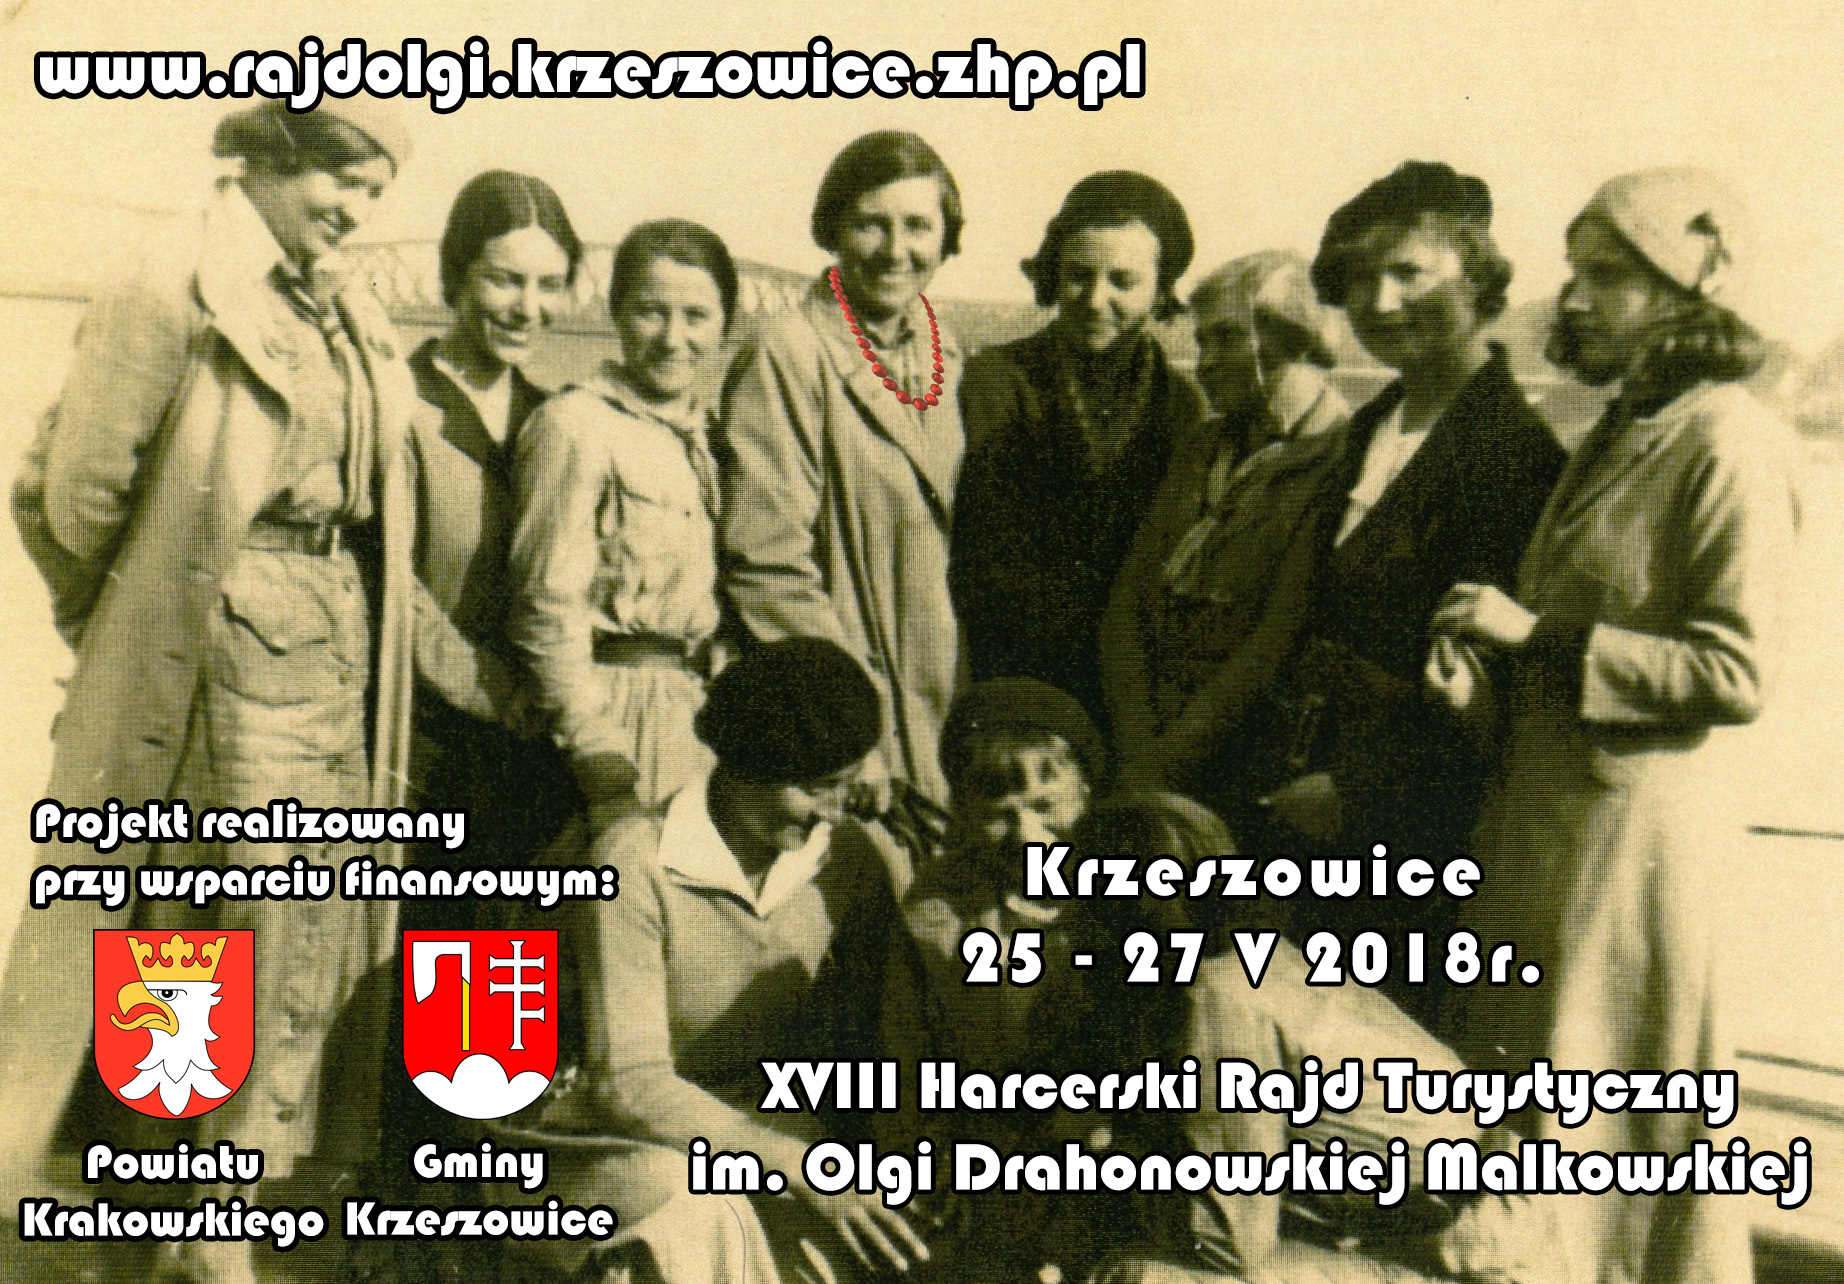 XVIII Harcerski Rajd Turystyczny im. Olgi Drahonowskiej-Małkowskiej @ Gmina Krzeszowice | Krzeszowice | małopolskie | Polska